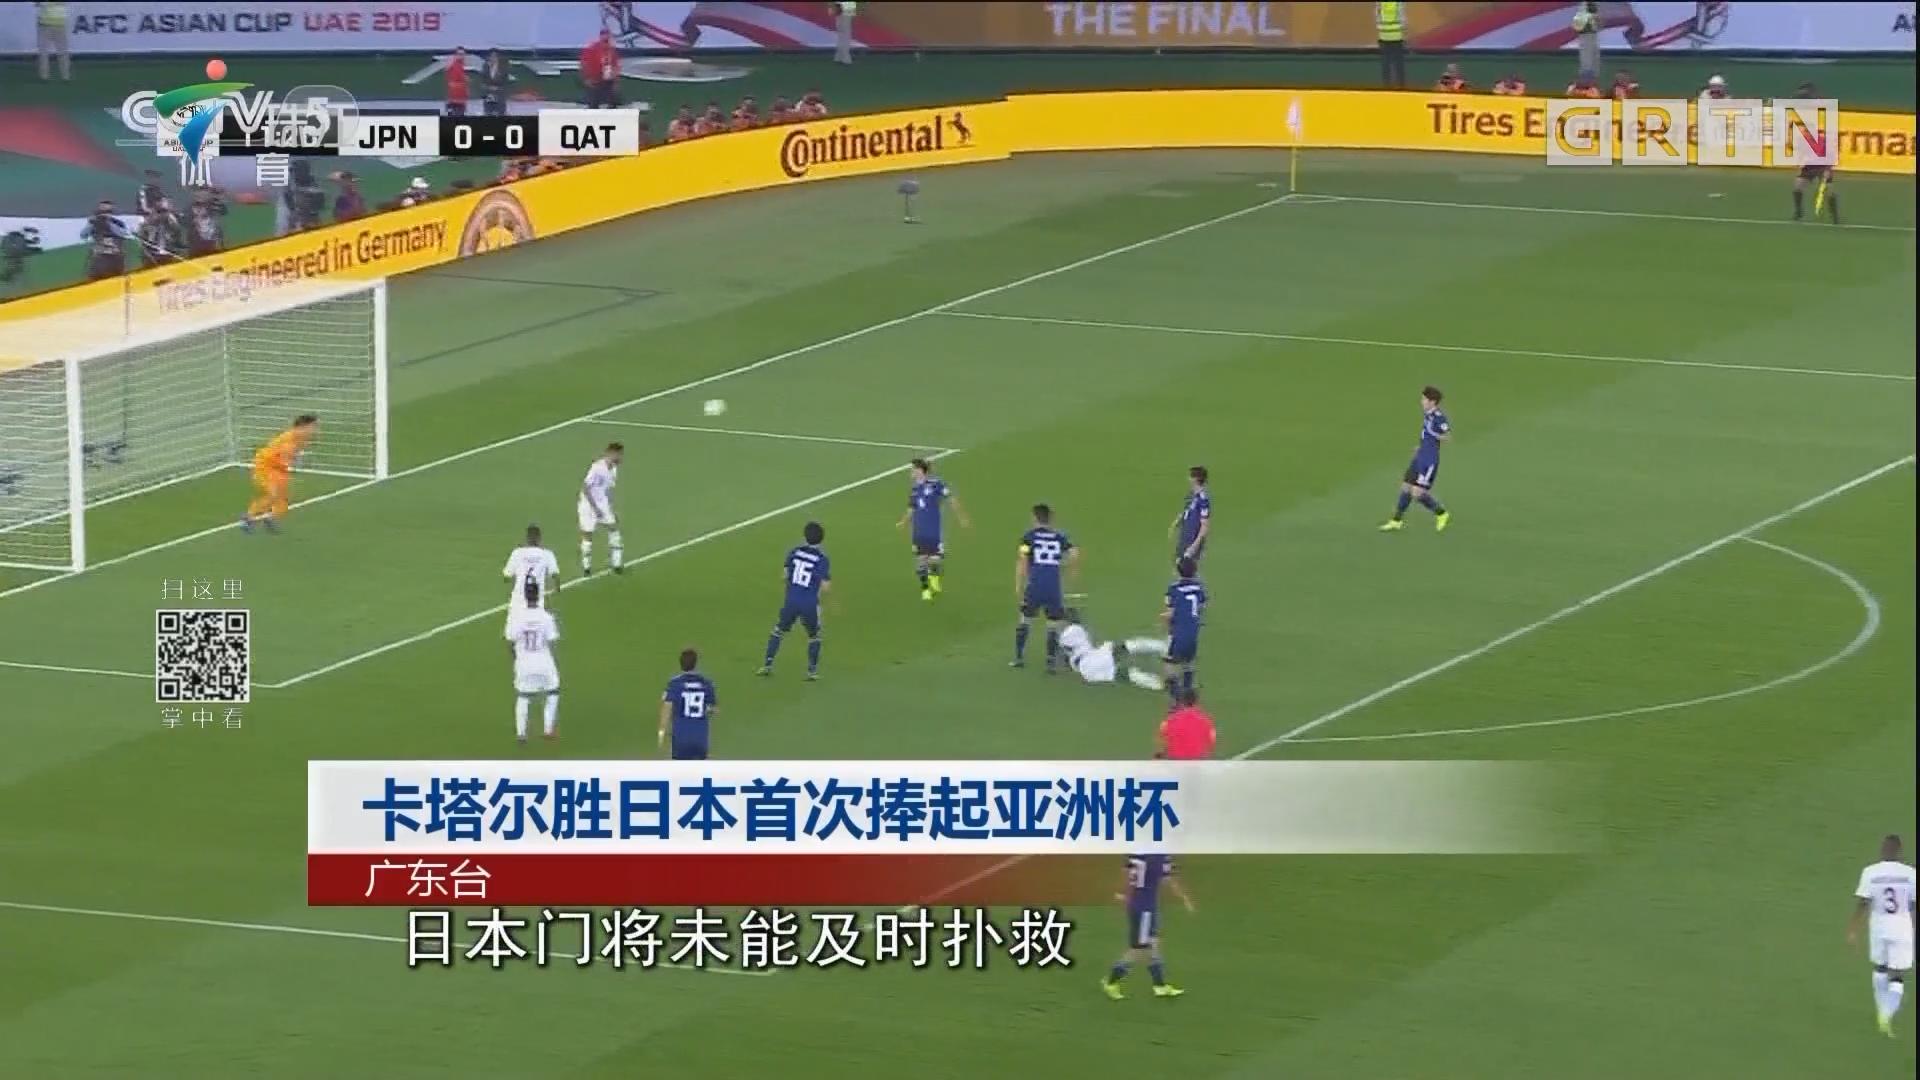 卡塔尔胜利日本首次捧起亚洲杯